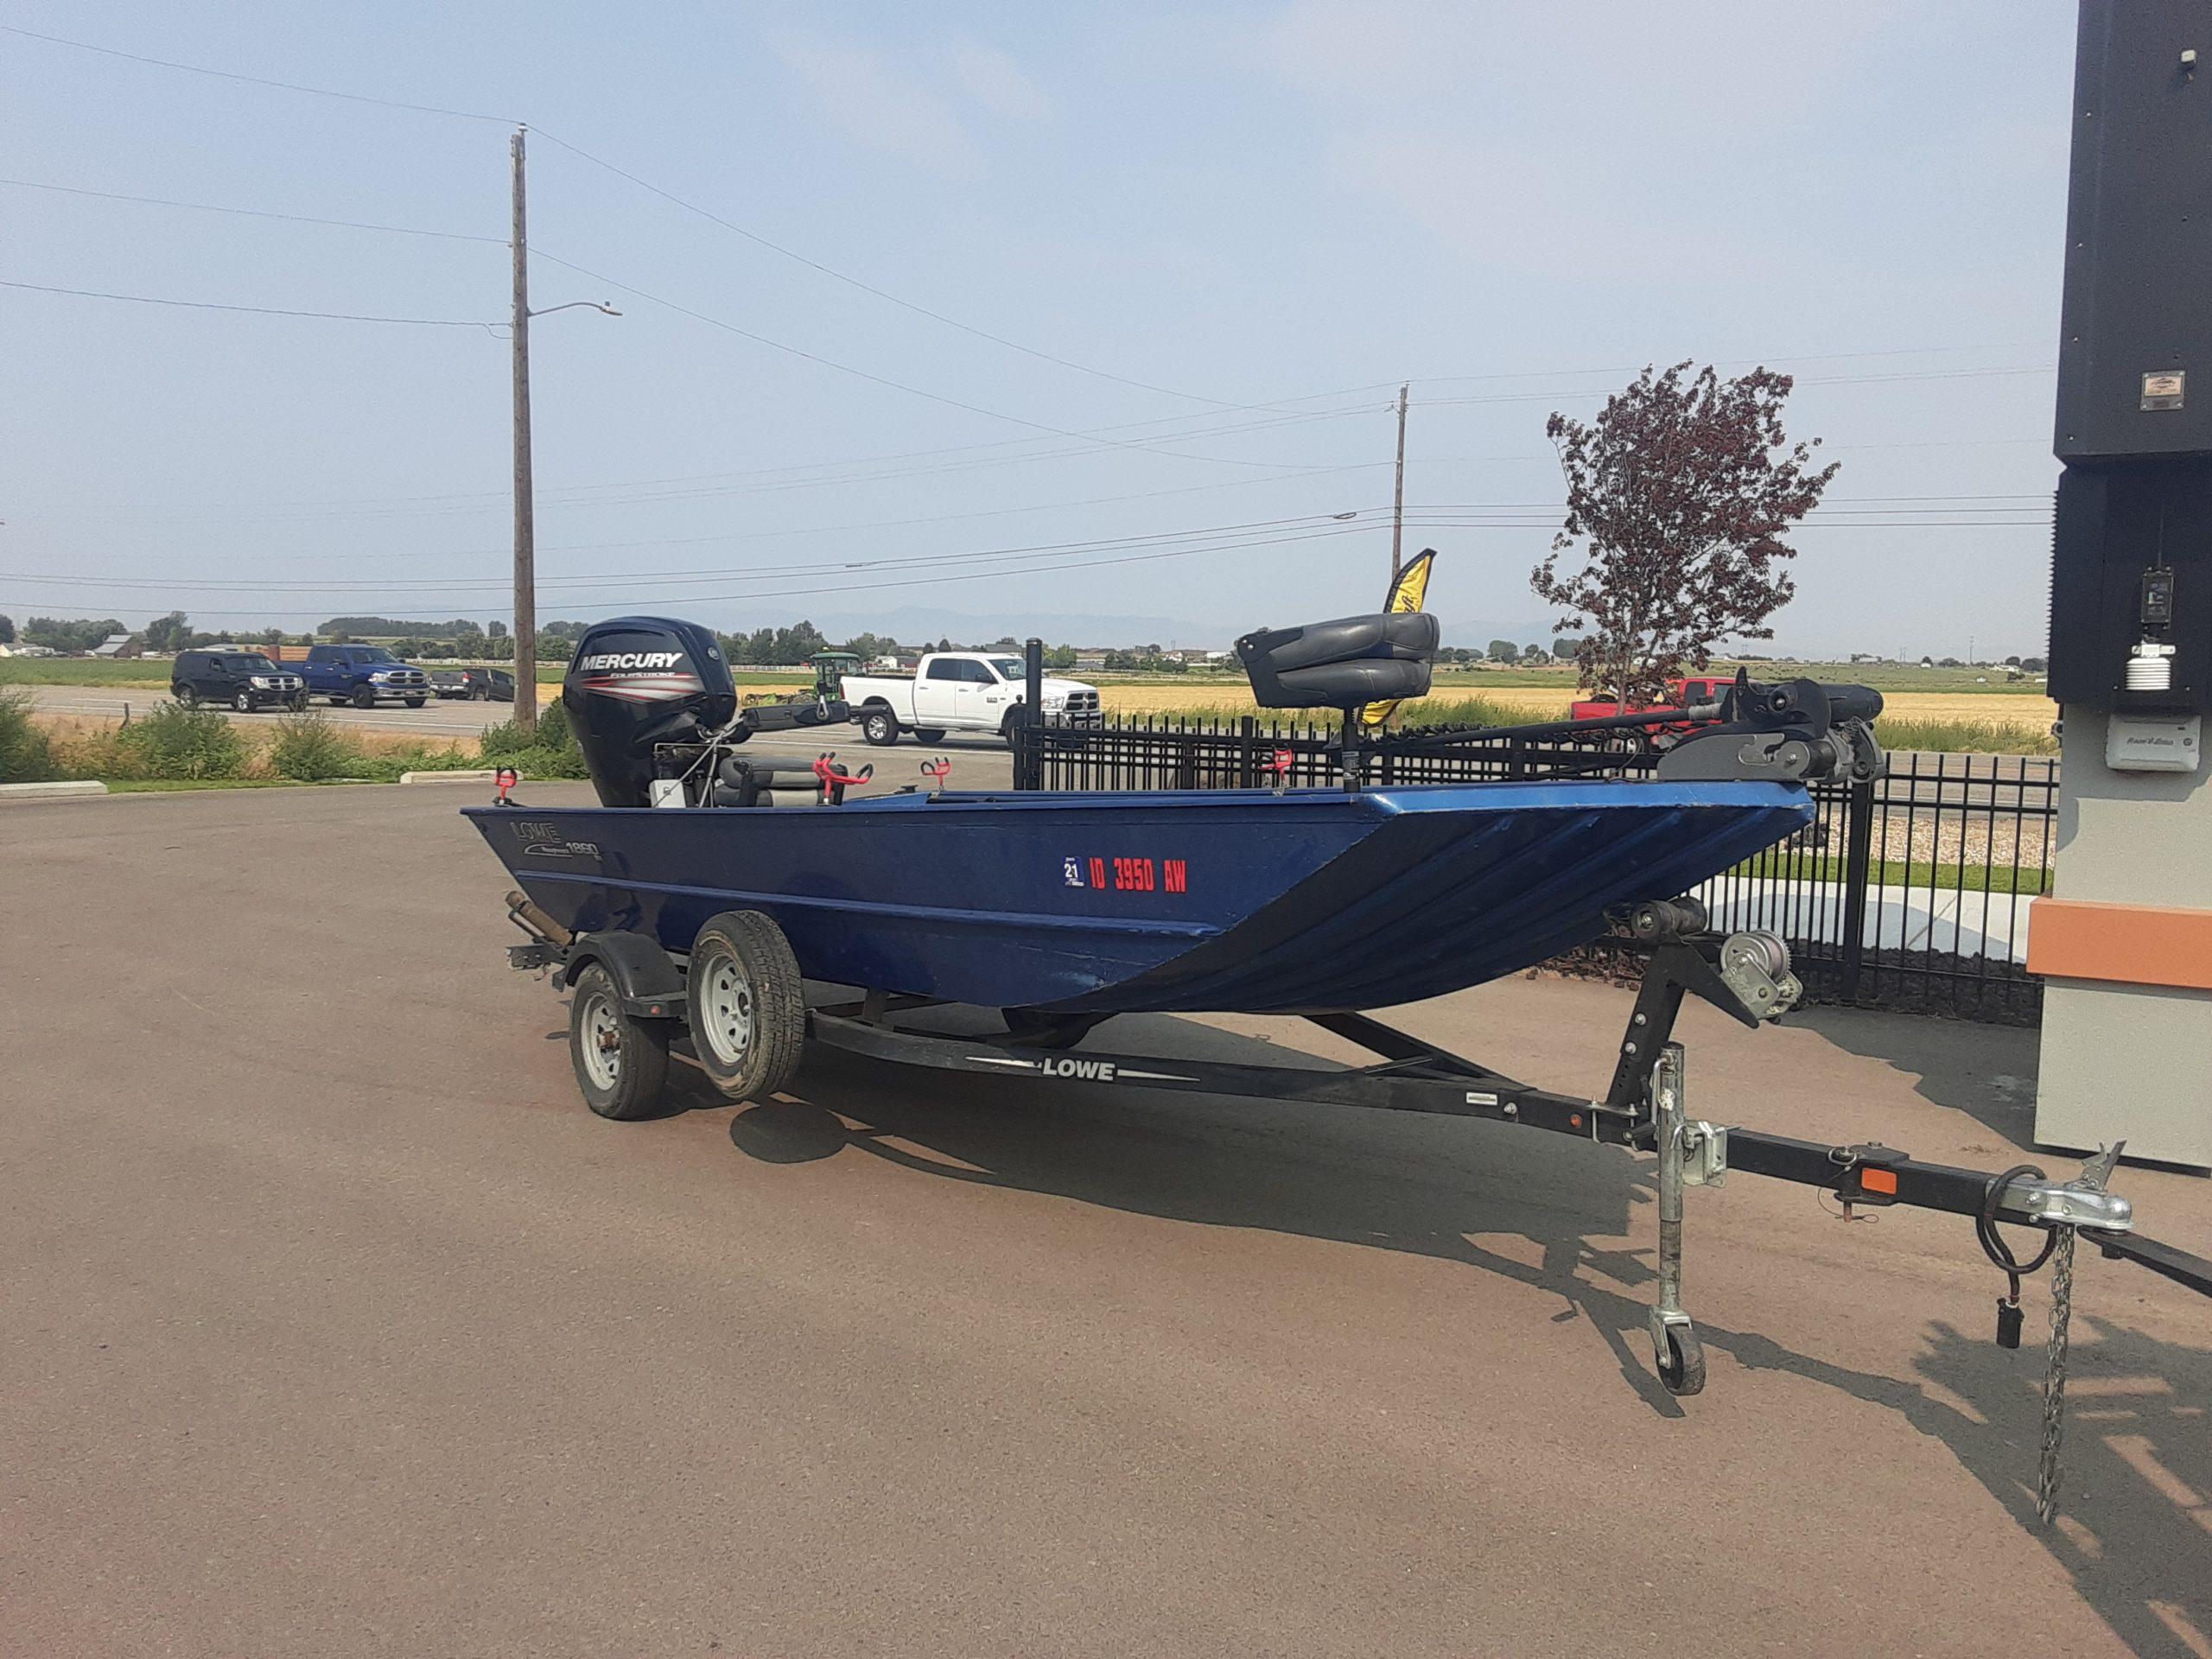 2017 Lowe Roughneck 1860 tiller boat